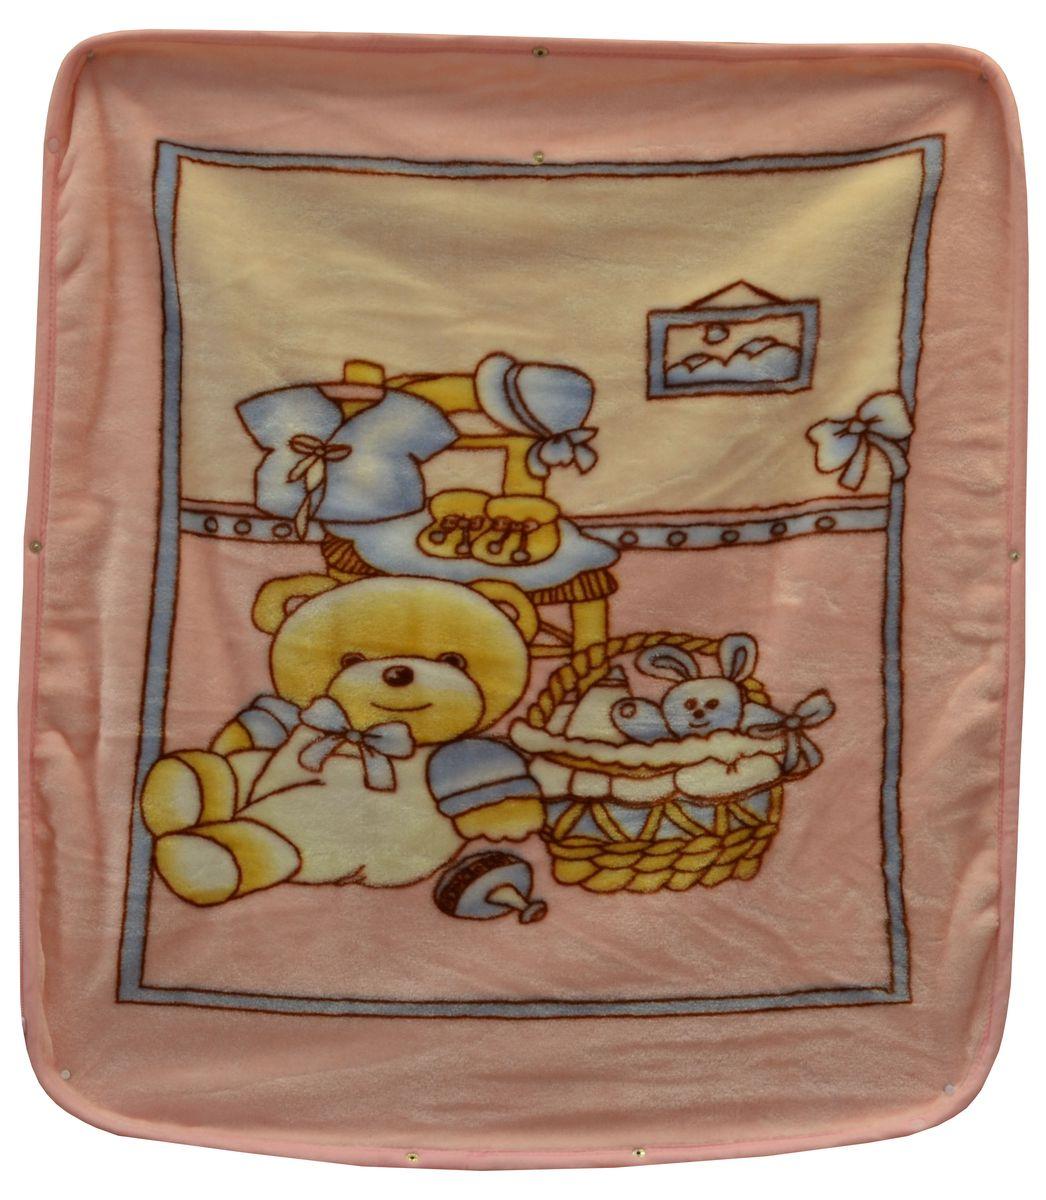 Bonne Fee Плед-накидка для младенцев на молнии 2, 80 х 90 см, цвет: розовый4448/пдПлед-накидка для младенцев на молнии Bonne Fee - защита, тепло и комфорт для малышей - использован надёжный, качественный и мягкий материал! Удобство и спокойствие для родителей обеспечивается универсальностью пледа-накидки, конструкция которого позволяет ему легко превращаться в конвертик. Отличное качество и практичность! Любите своего ребёнка и дарите ему лучшее!